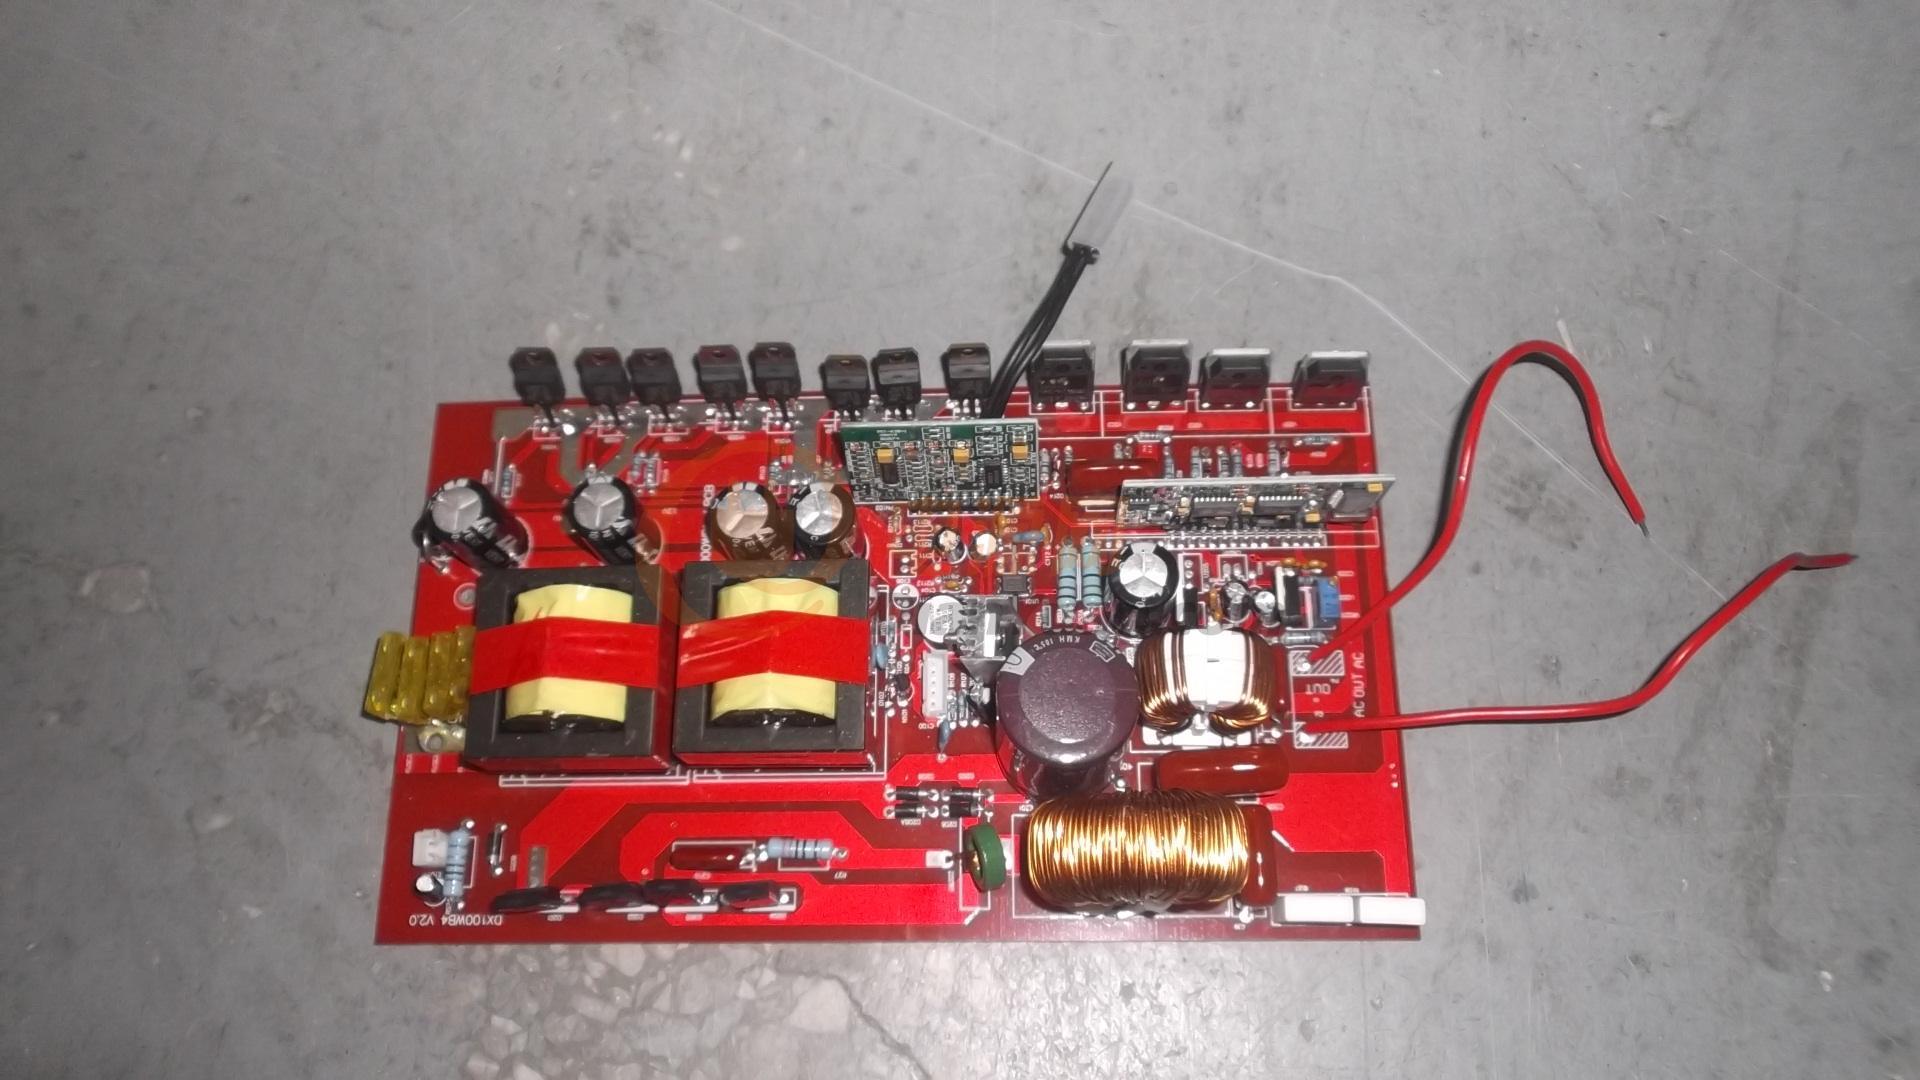 采用了EE55 4个大变压器,多层板设计。采用了24个IRFP247封装的大电流,低电压的MOS管,采用了2对60A/500V,高压 高效整流管,采用了2个低导值的大铁硅铝作为输出电感,采用了高温、高频低阻长寿命电容,确保产品使用3-10年.前后级采用了单片机独立控制。采用扁平大铜带绕制的高频变压器,过电流猛。3000瓦正弦波 100%足功率,瞬间功率高达5000瓦。峰值功率1万瓦。独家版权,本人设计。需要的请来电咨询 13660349531,QQ408353538 逆变器做好,关键是用料的讲究,不懂用料